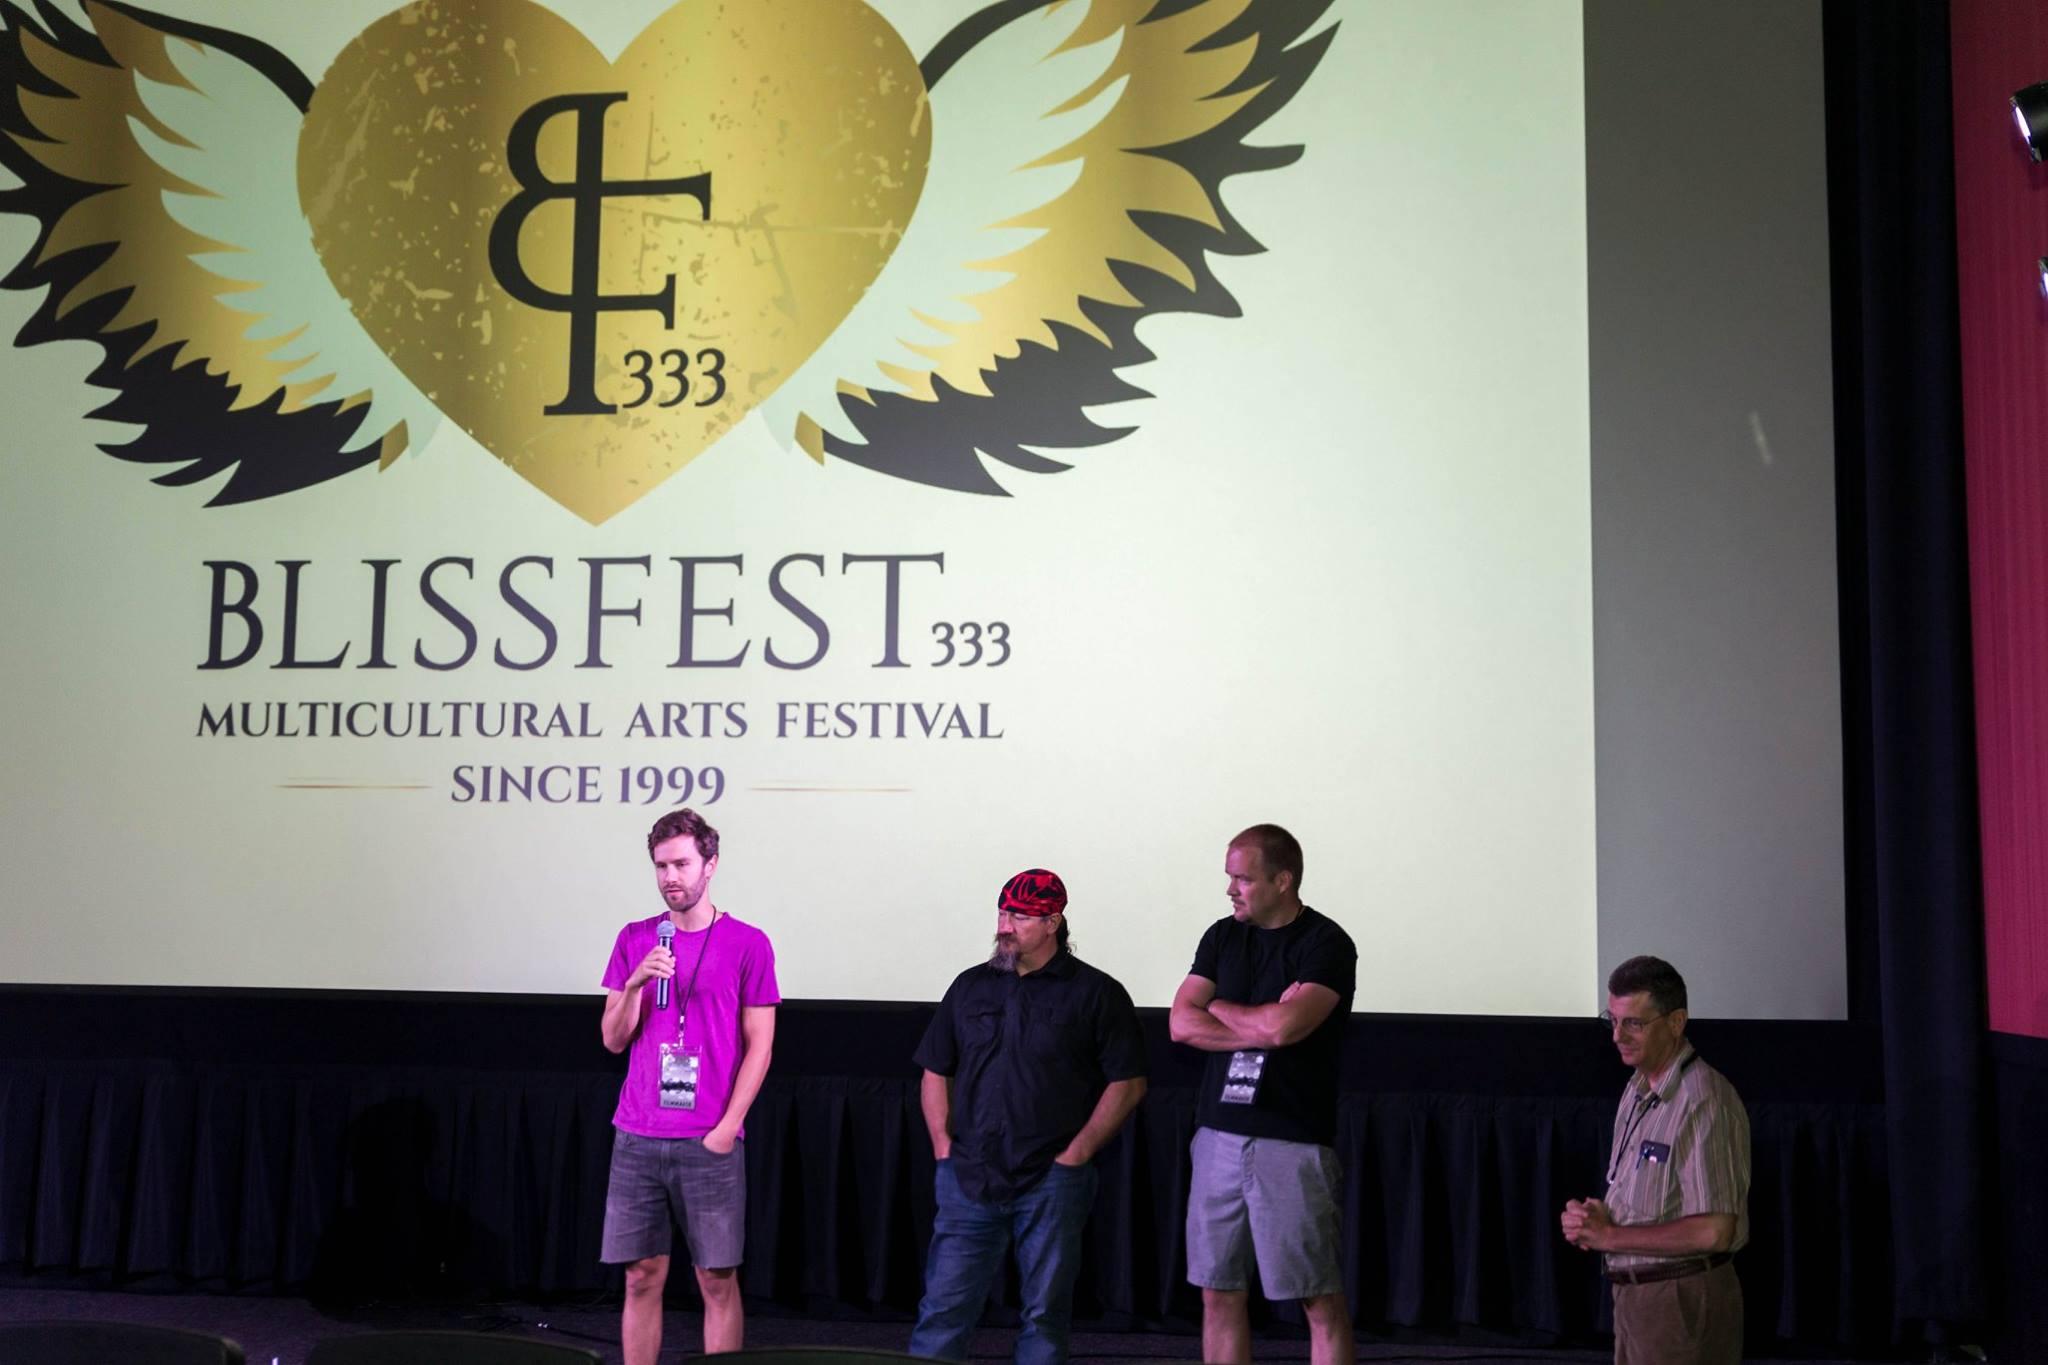 Bilss Fest 2018